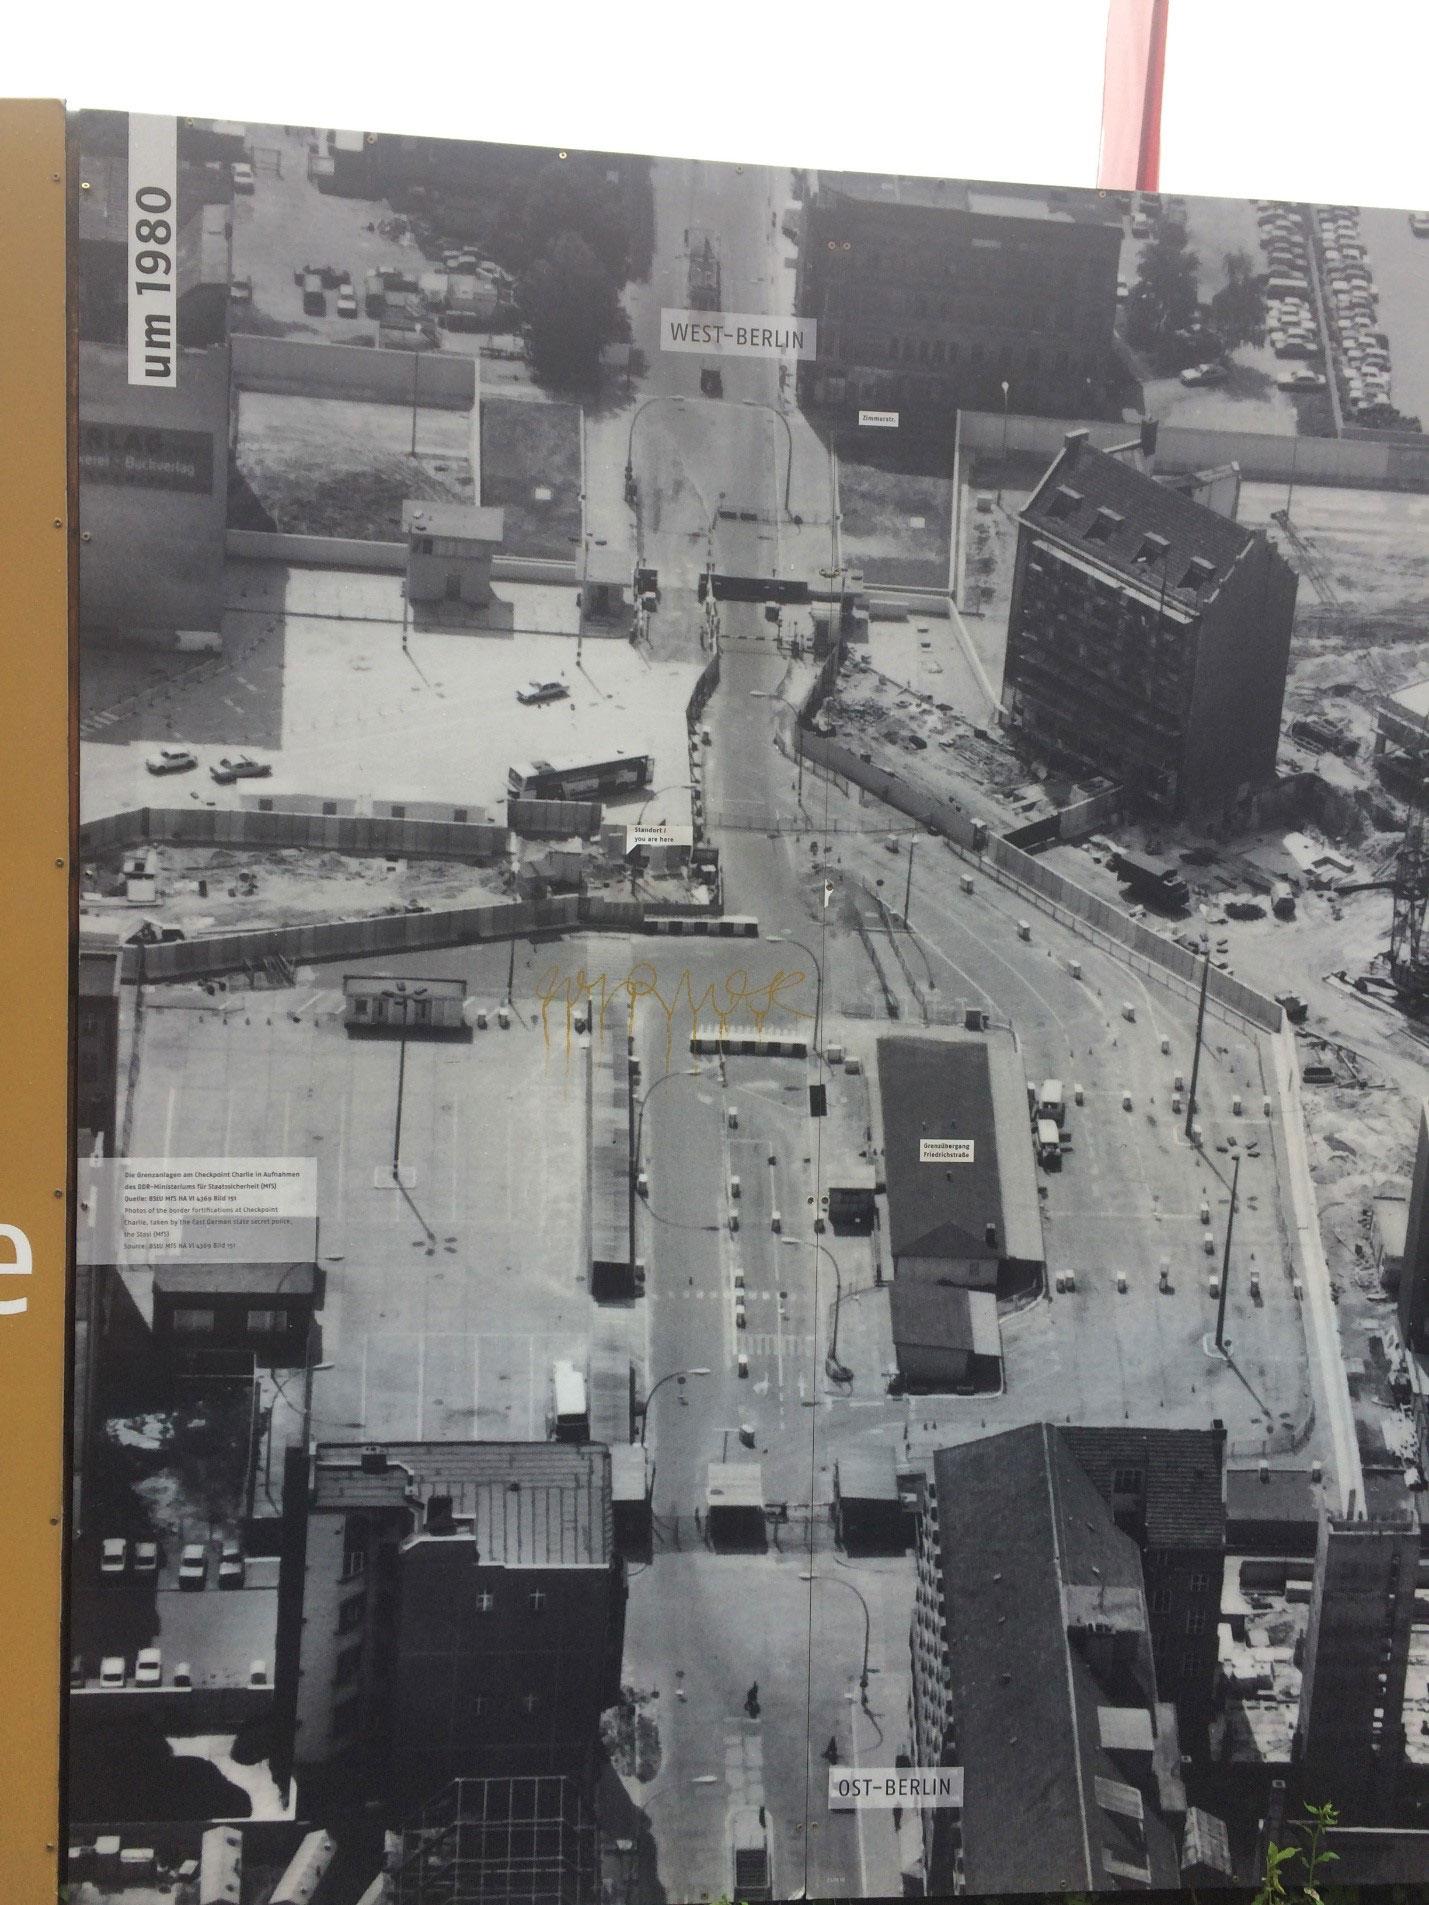 Чекпойнт Чарли/КПП Чарли и Музей Берлинской стены